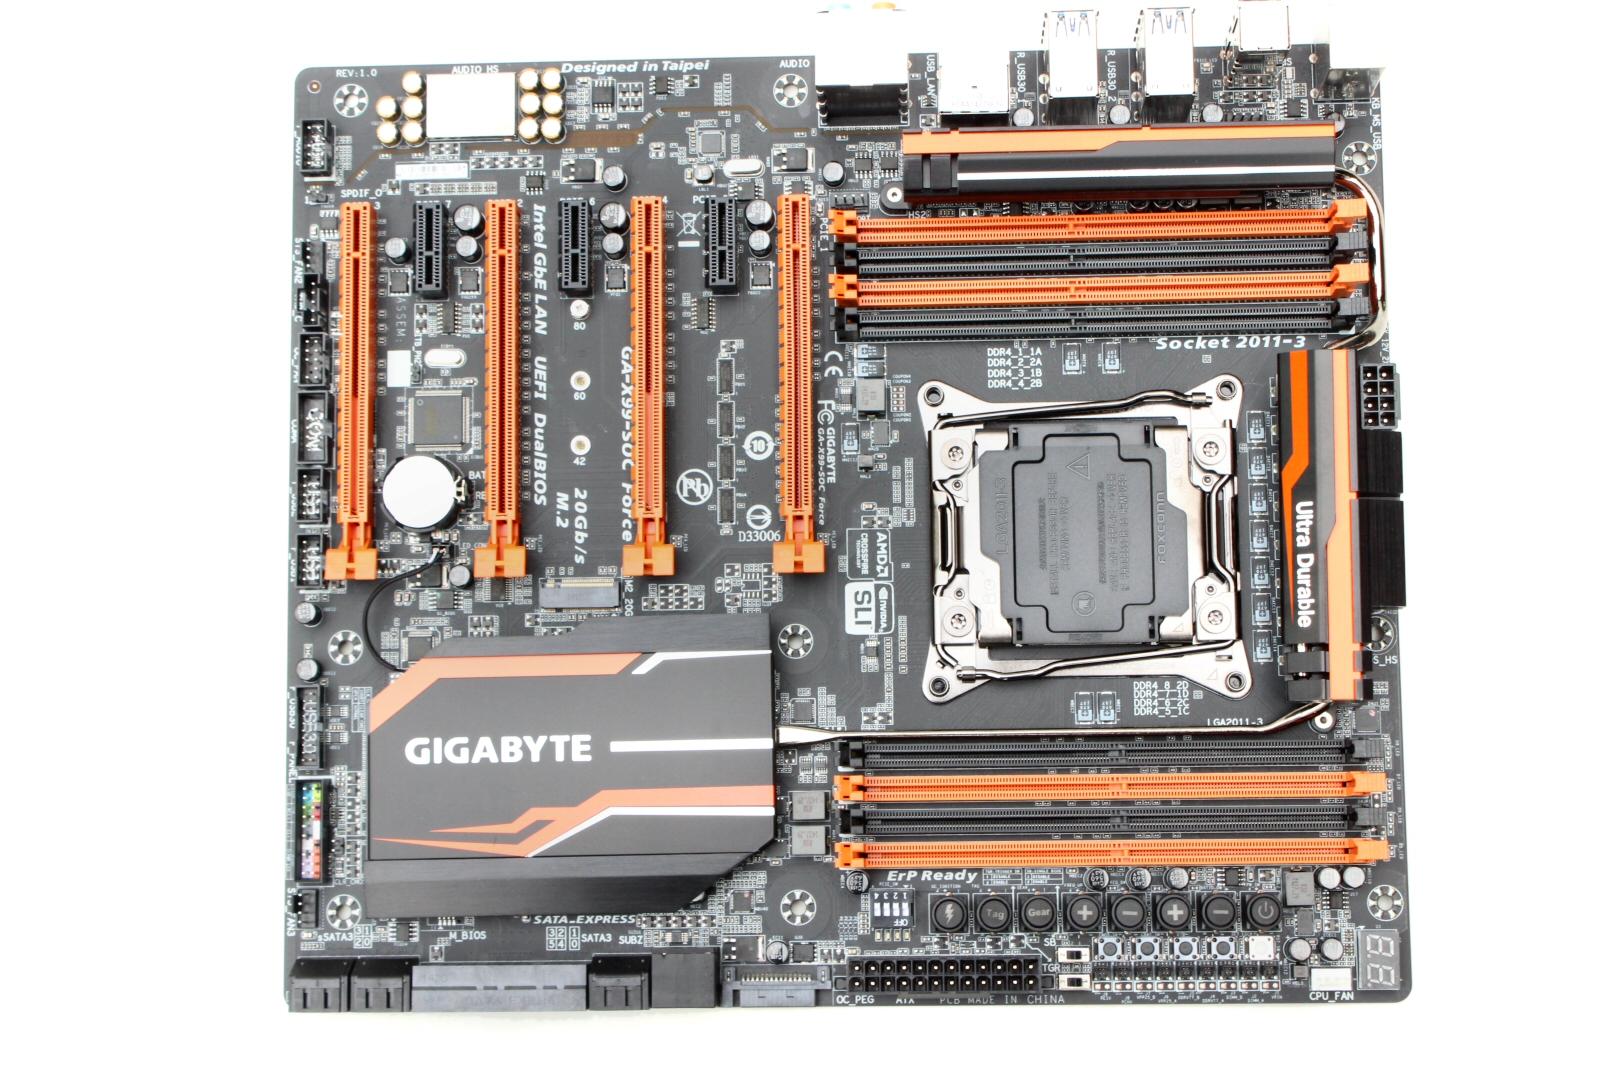 [Preview] GIGABYTE X99-SOC Force-img_5456.jpg